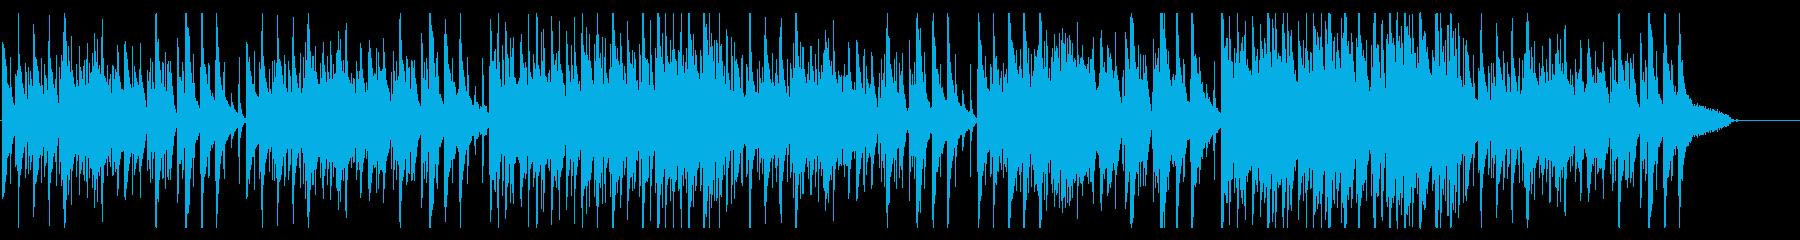 落ち着いたオールドジャズ風BGMの再生済みの波形